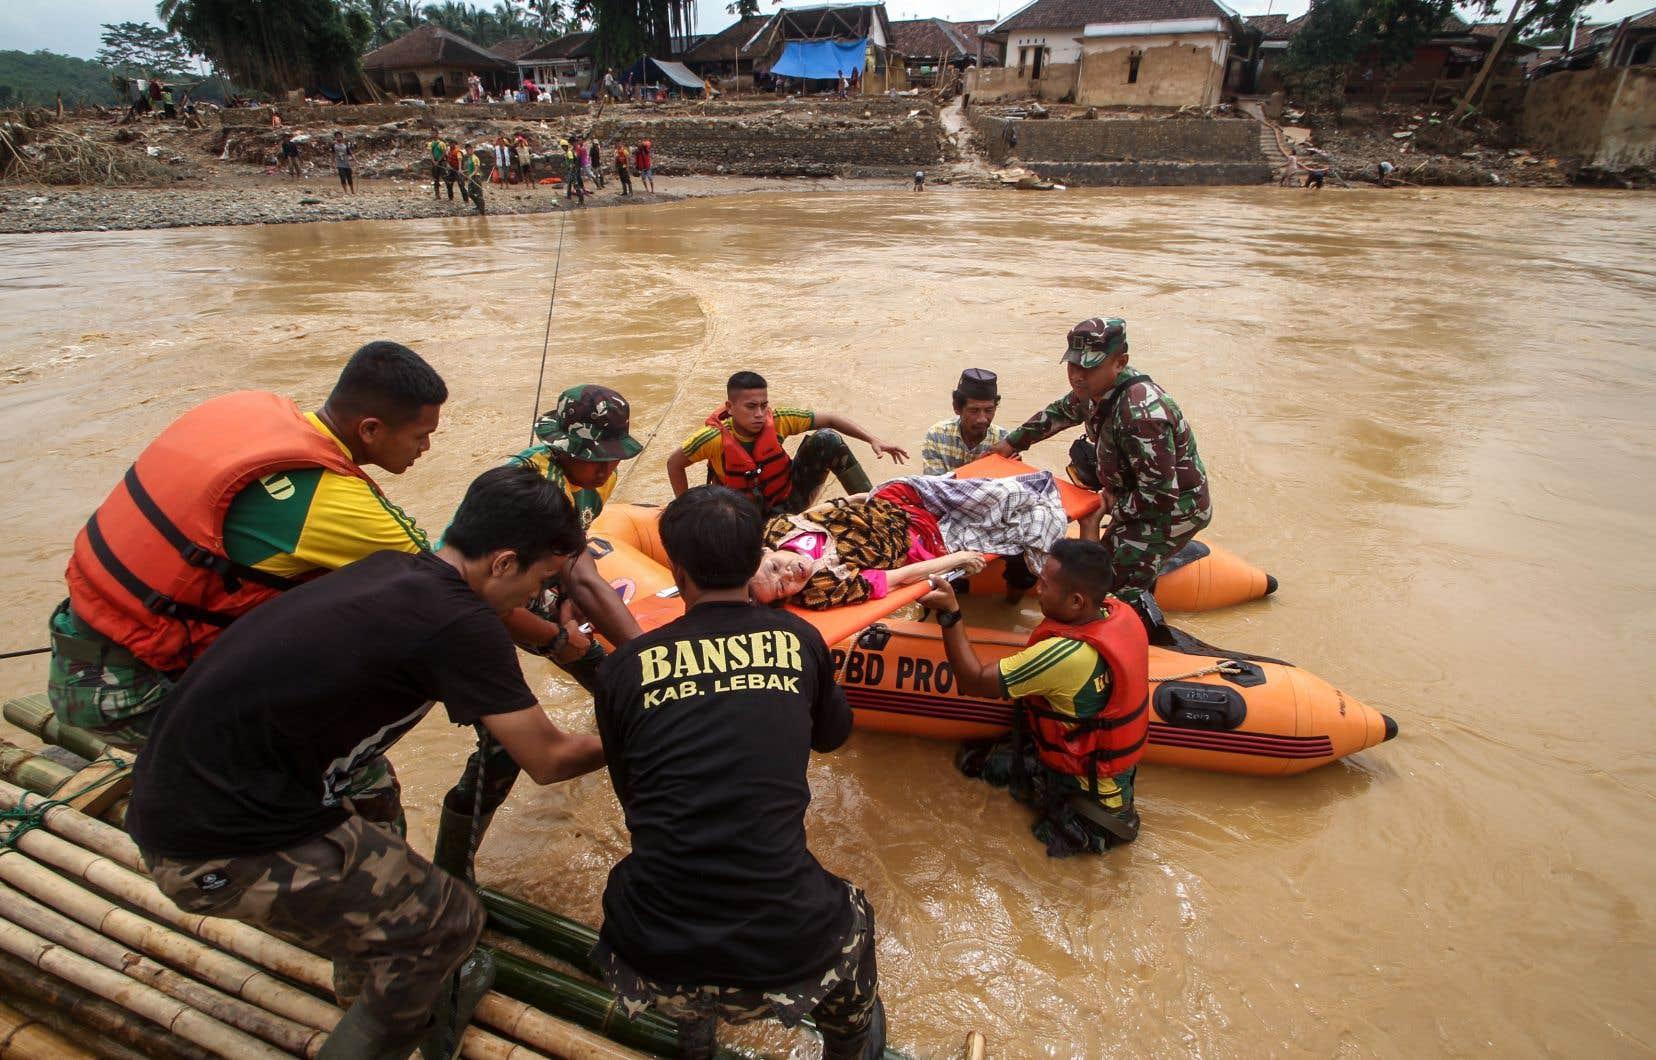 Des pluies torrentielles ont commencé à tomber la veille du Nouvel An, déclenchant des crues soudaines et des glissements de terrain dans la région de Jakarta et dans celle de Lebak.